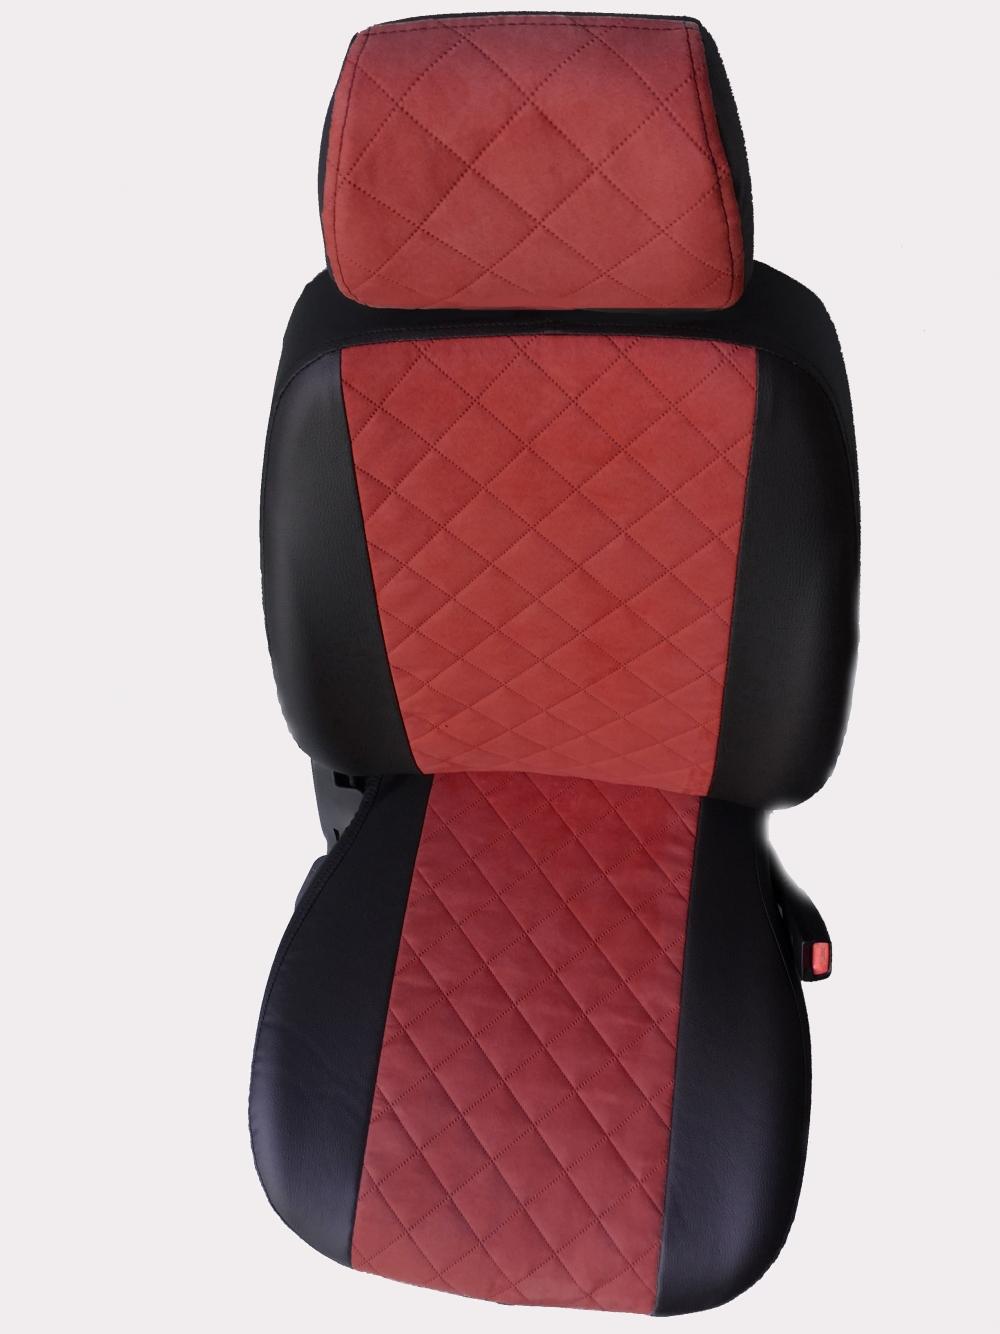 Модельные чехлы на сидения из экокожи  + алькантара  Ромб - 9